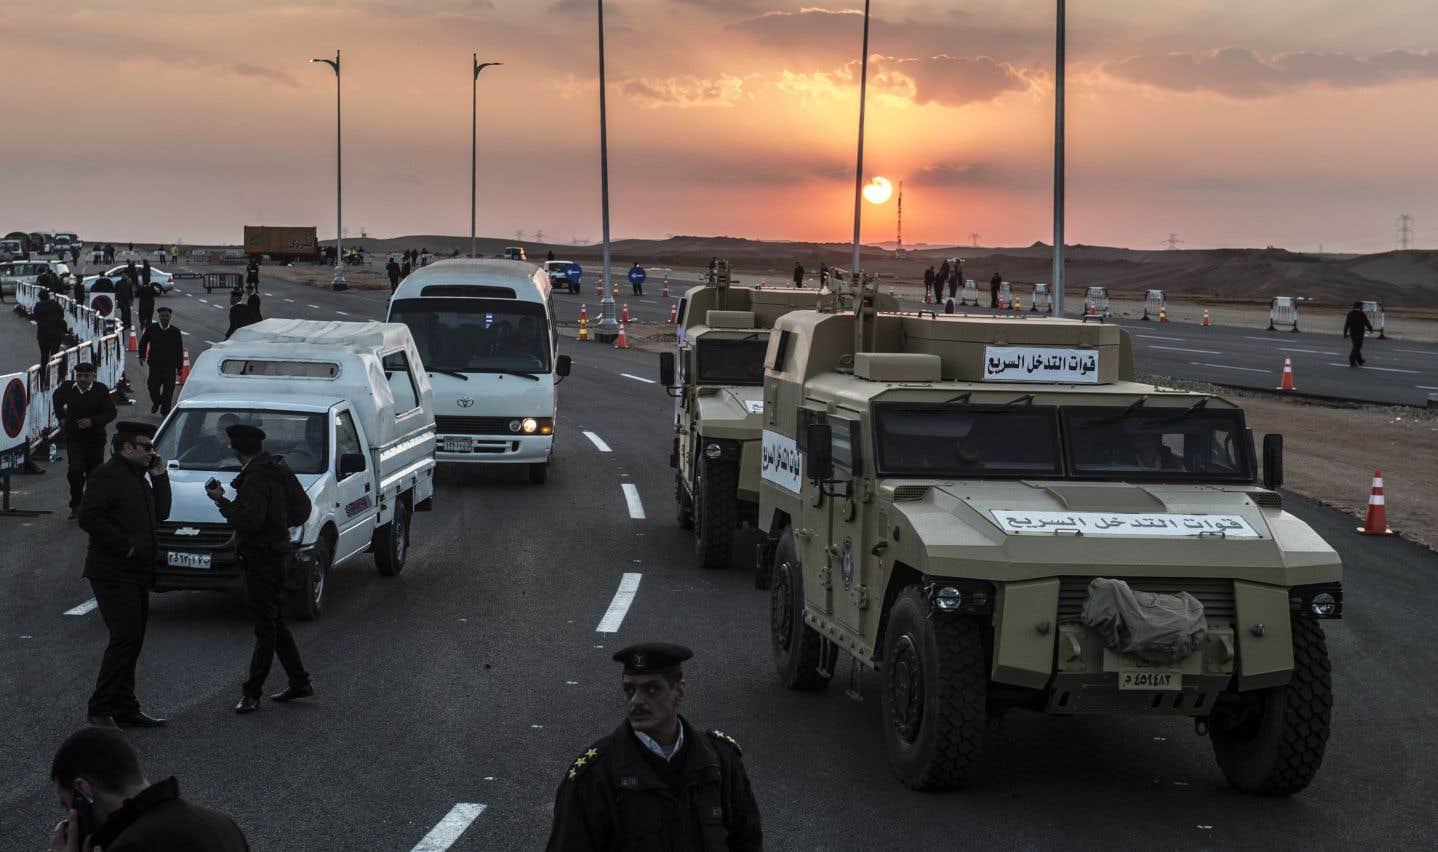 L'état d'urgence prolongé de trois mois en Égypte